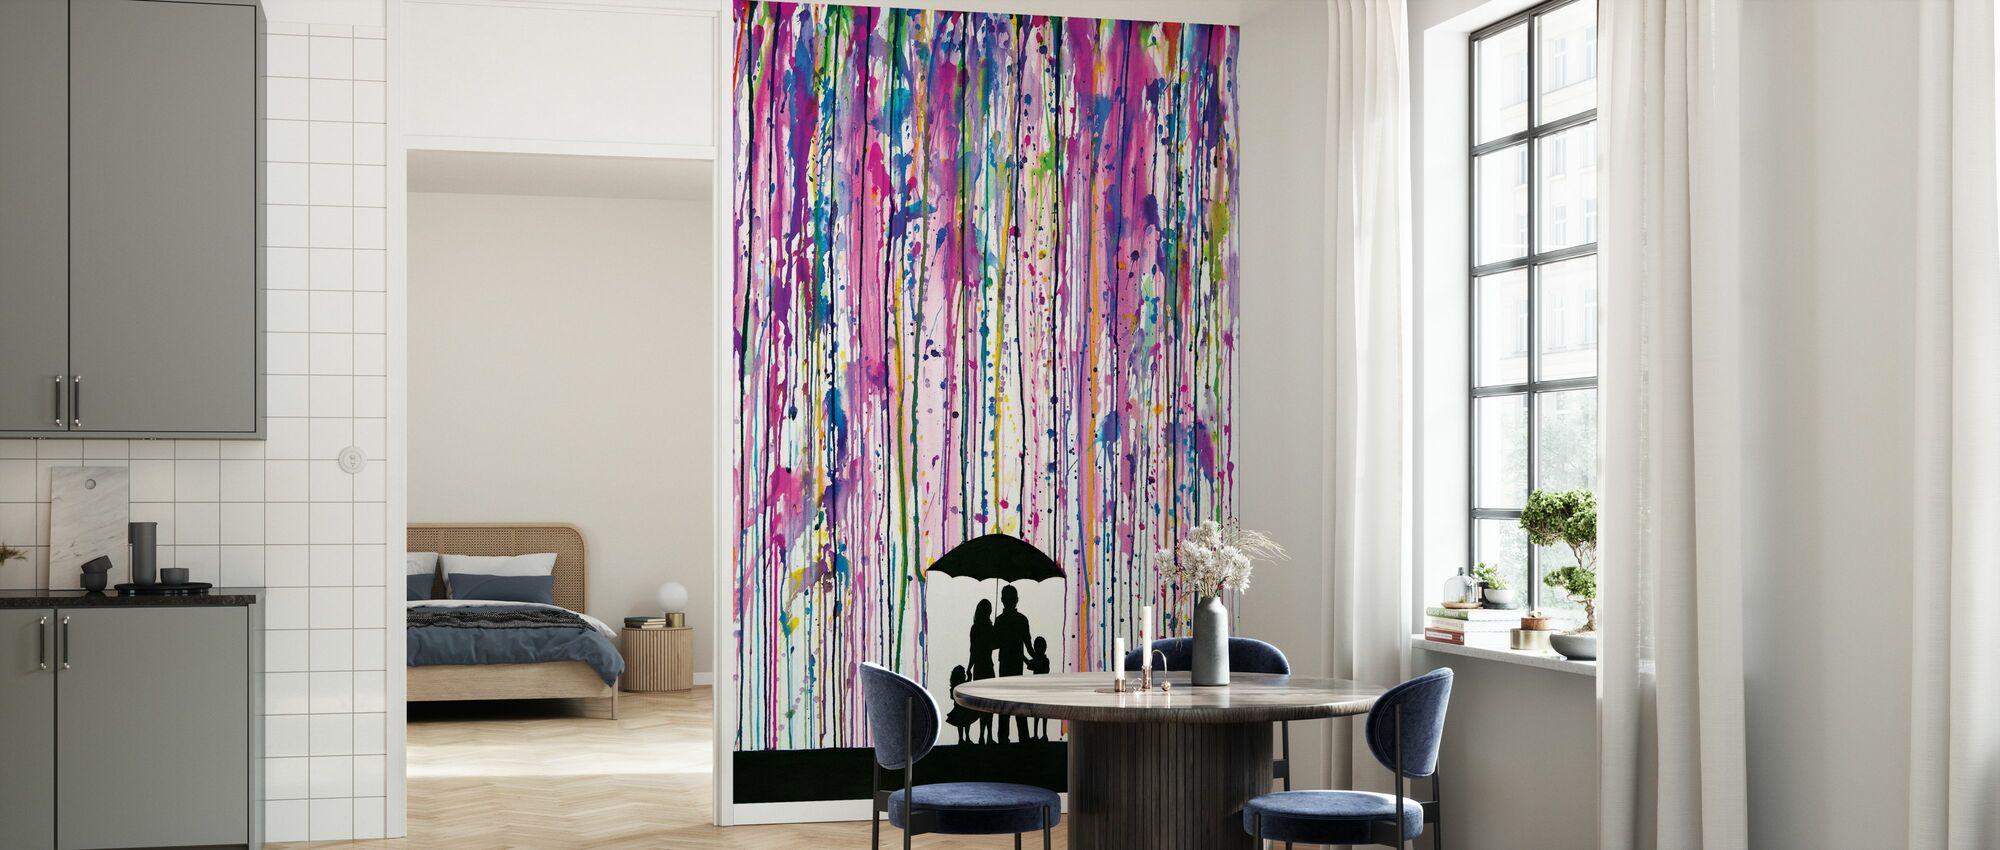 Home - Wallpaper - Kitchen